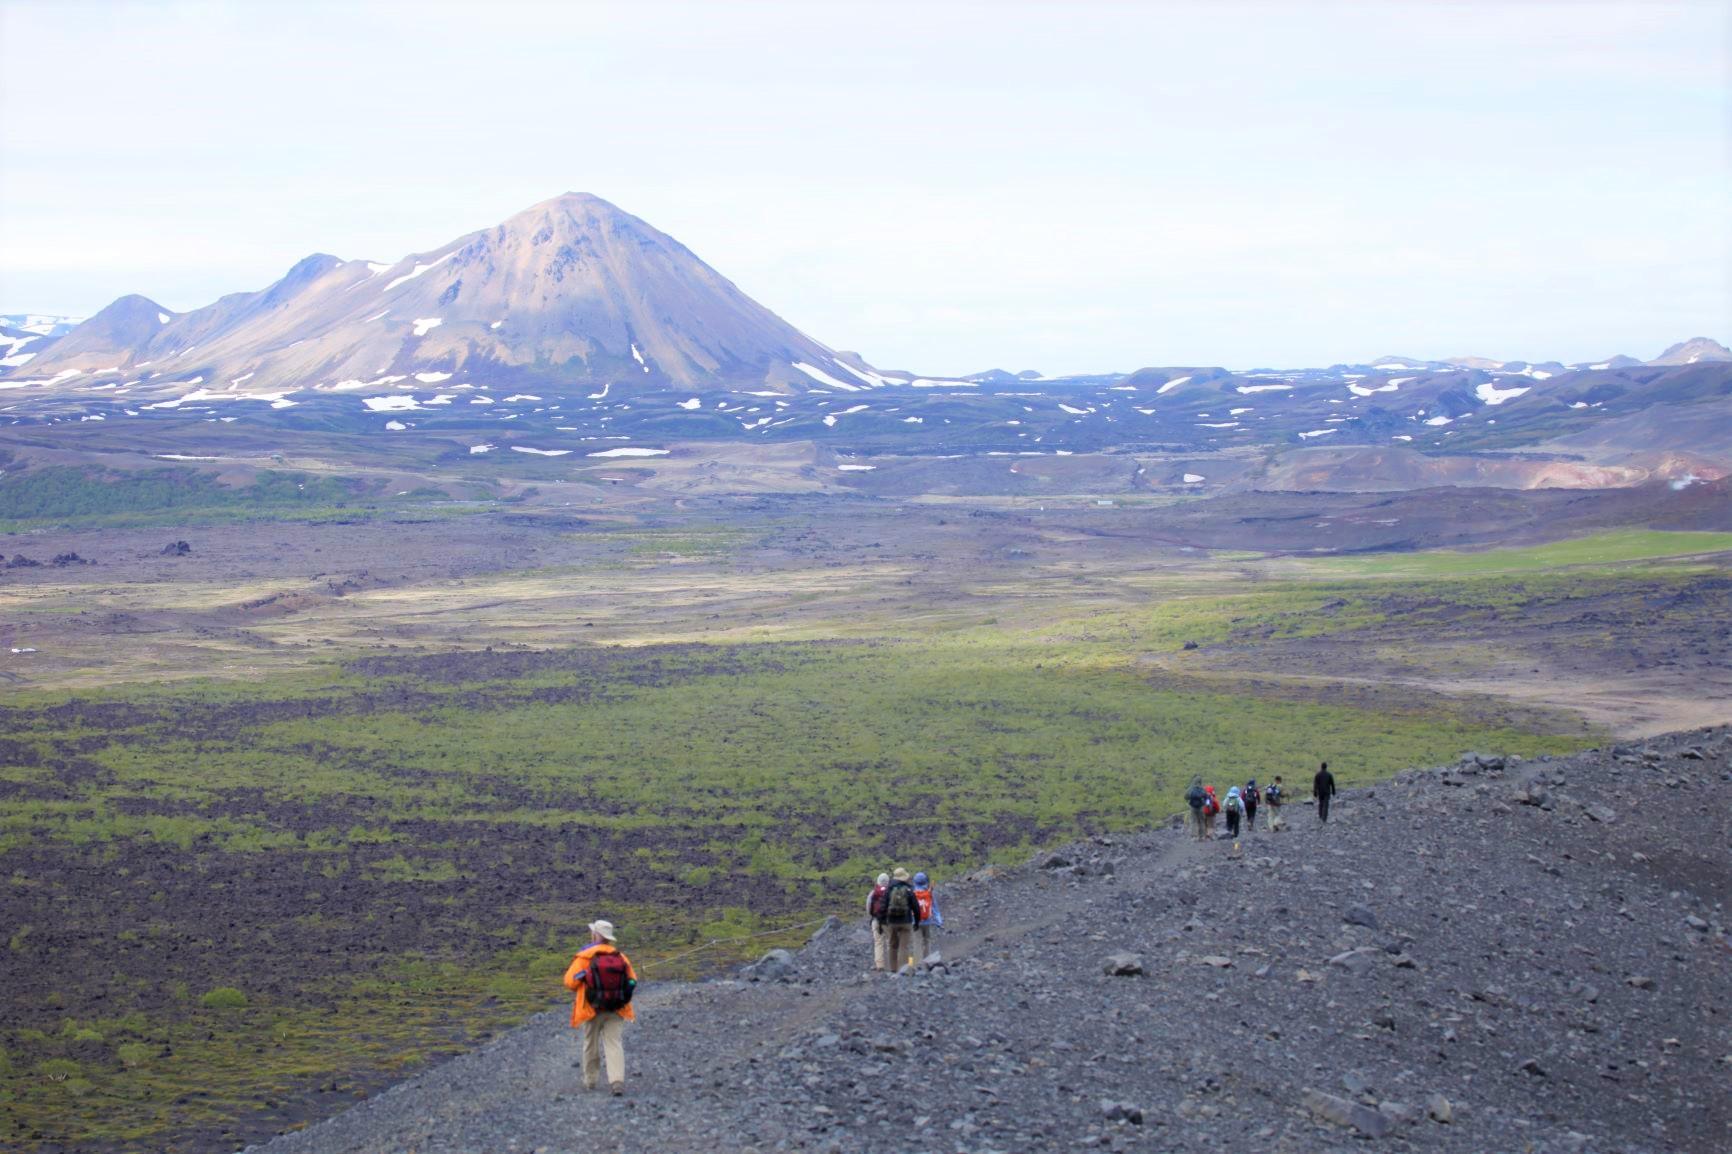 【創業50周年記念特別企画】火と氷の島アイスランド 白夜に訪ねる南北周遊の旅 10日間